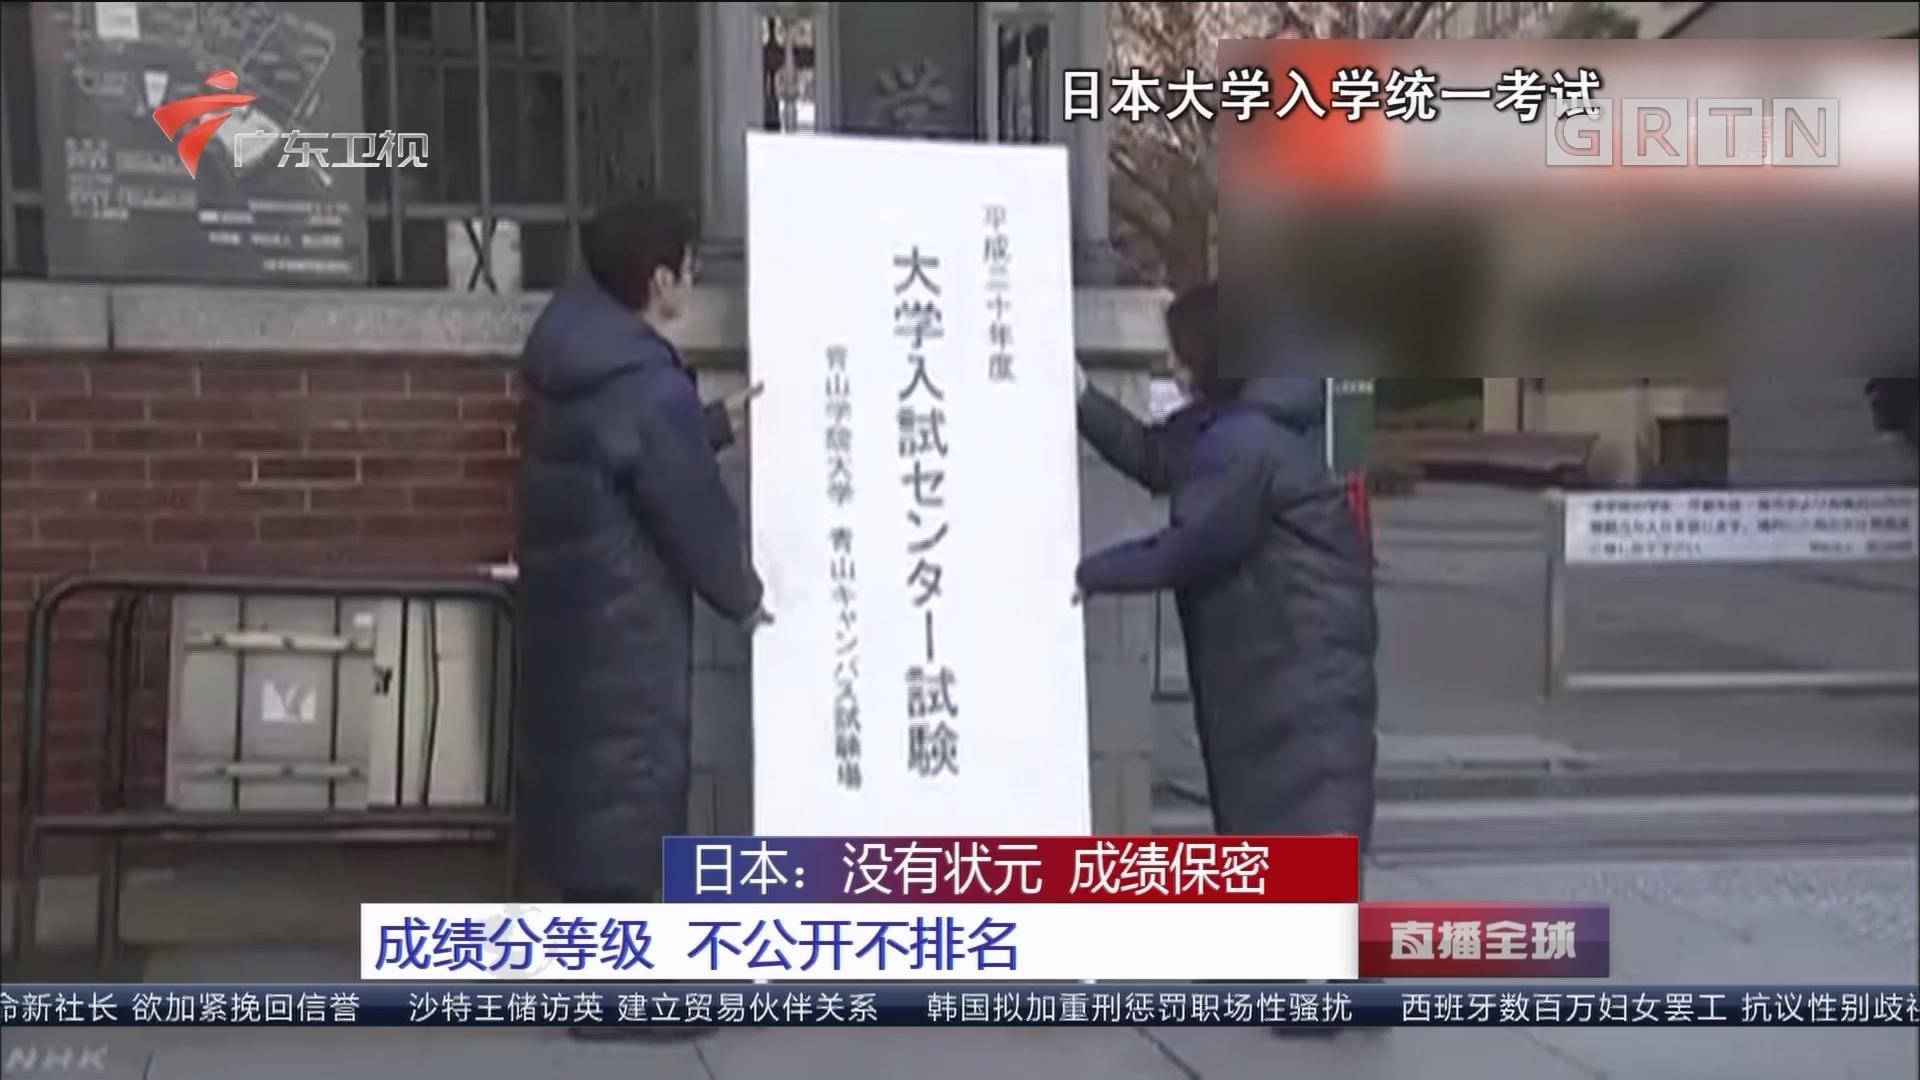 日本:没有状元 成绩保密 成绩分等级 不公开不排名